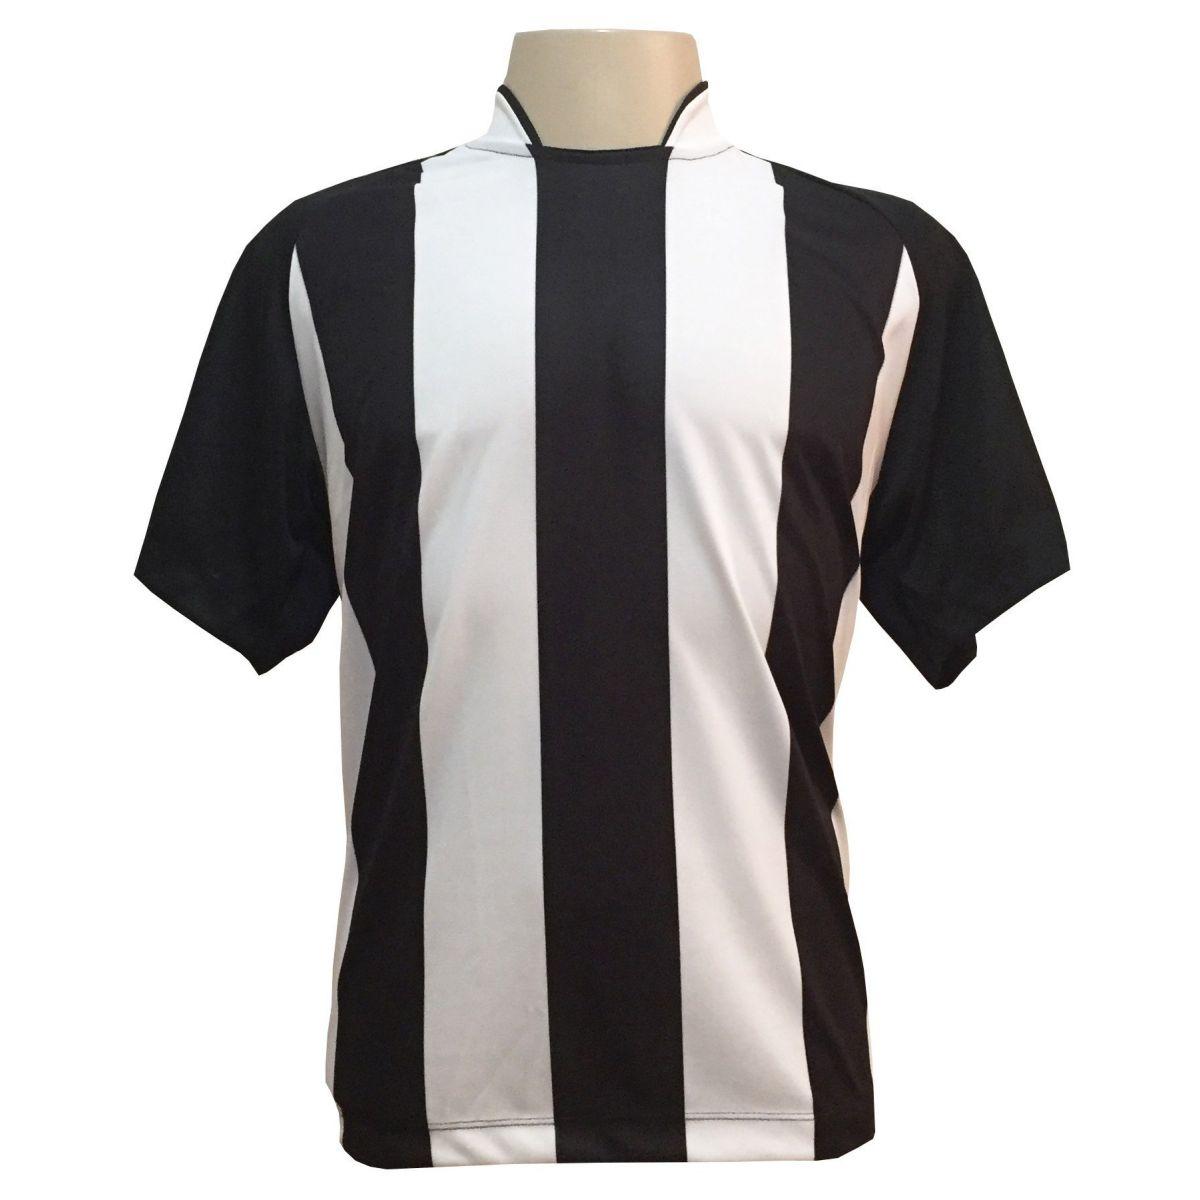 Uniforme Esportivo com 12 camisas modelo Milan Preto/Branco + 12 calções modelo Copa Preto/Branco + Brindes